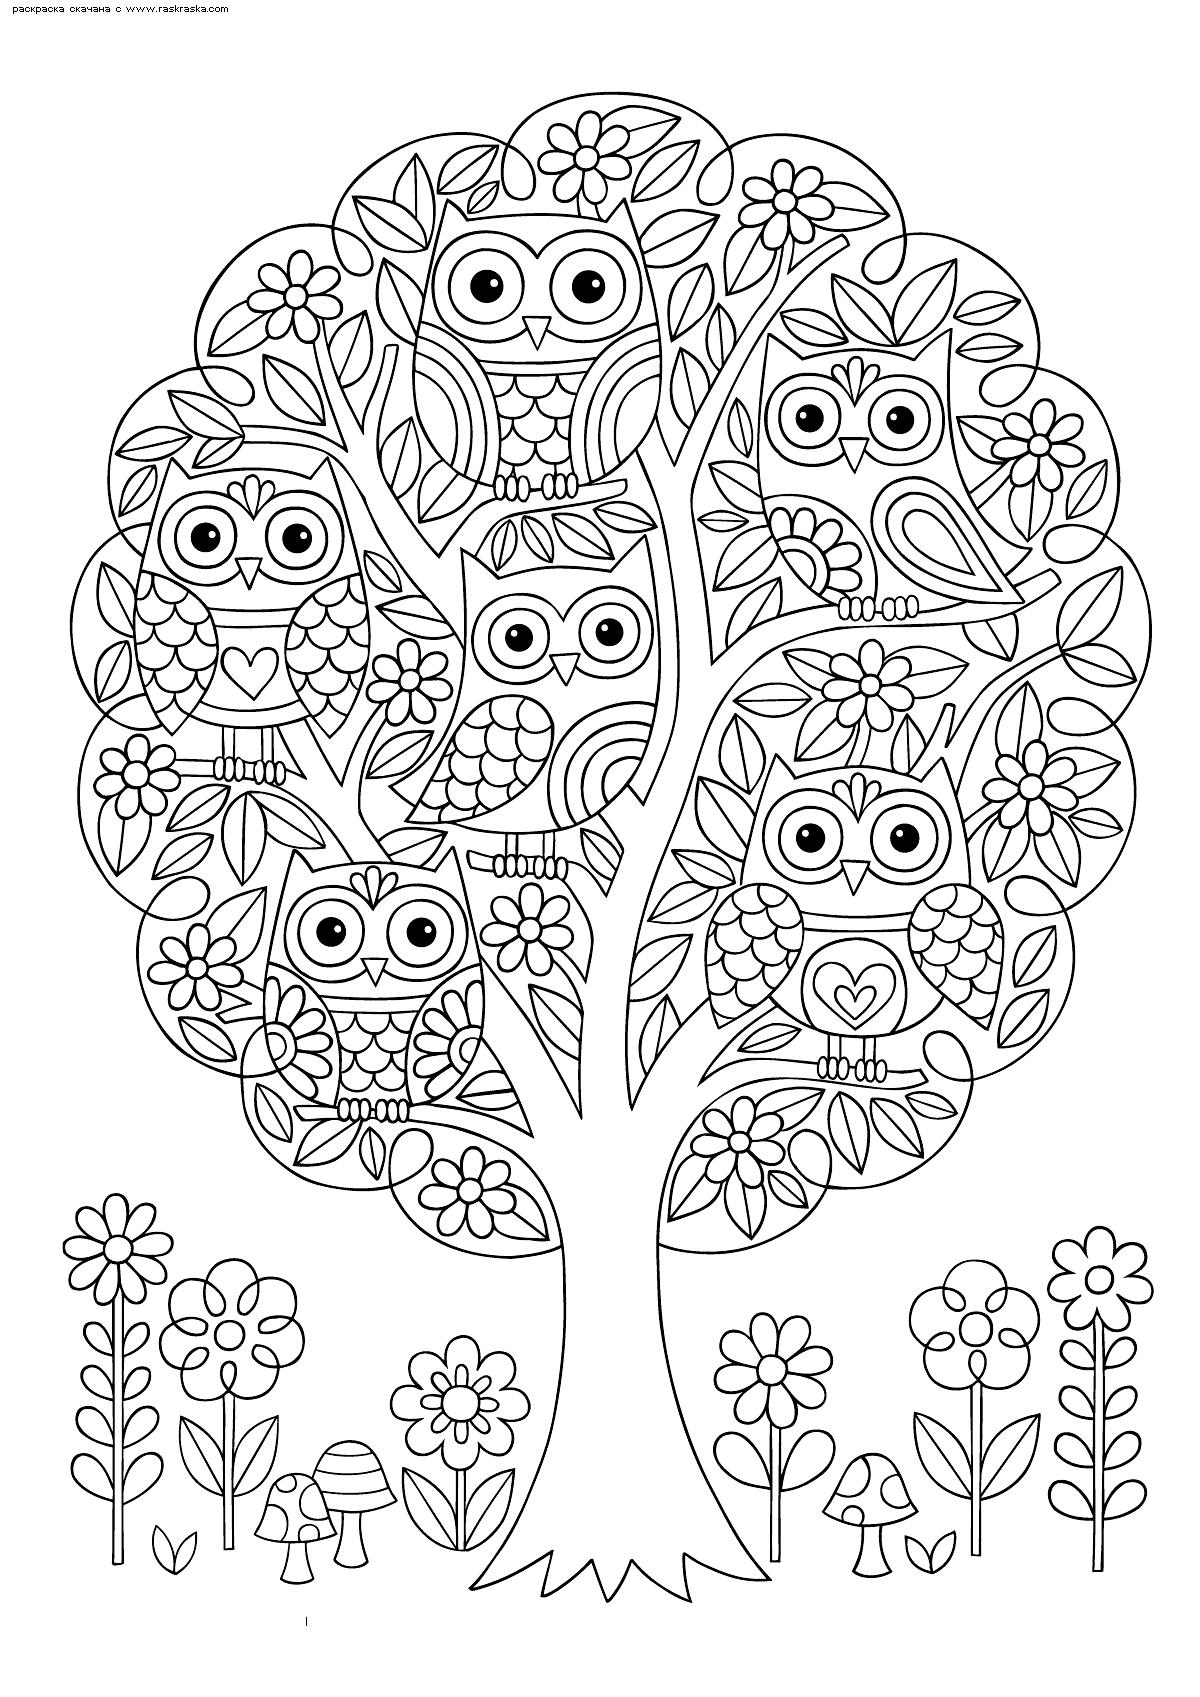 Раскраска Совы на дереве | Раскраски антистресс Совы ...